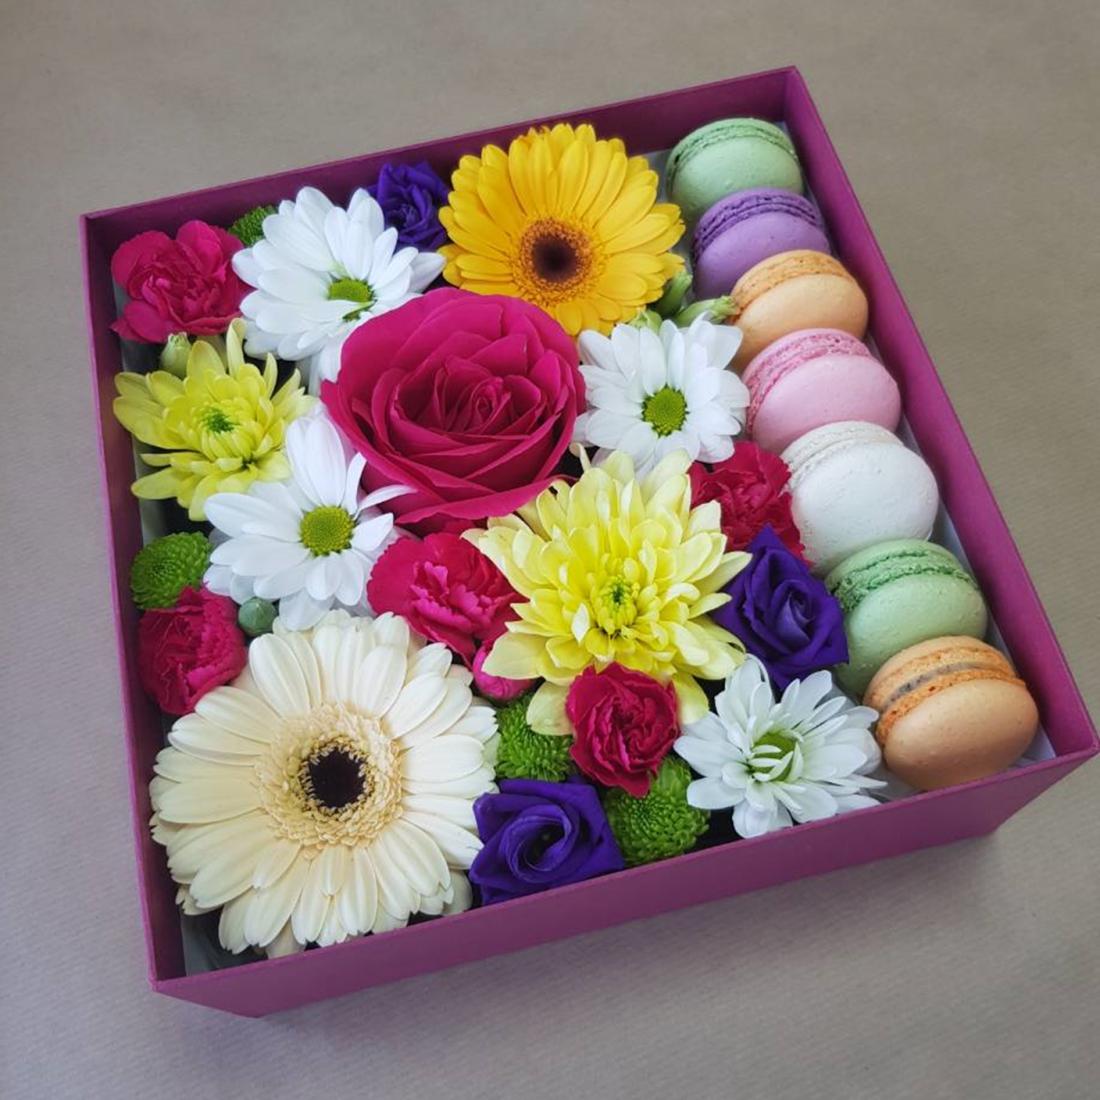 Коробки с цветами, колбасные, фруктовые, букеты под заказ всего от 30 руб.